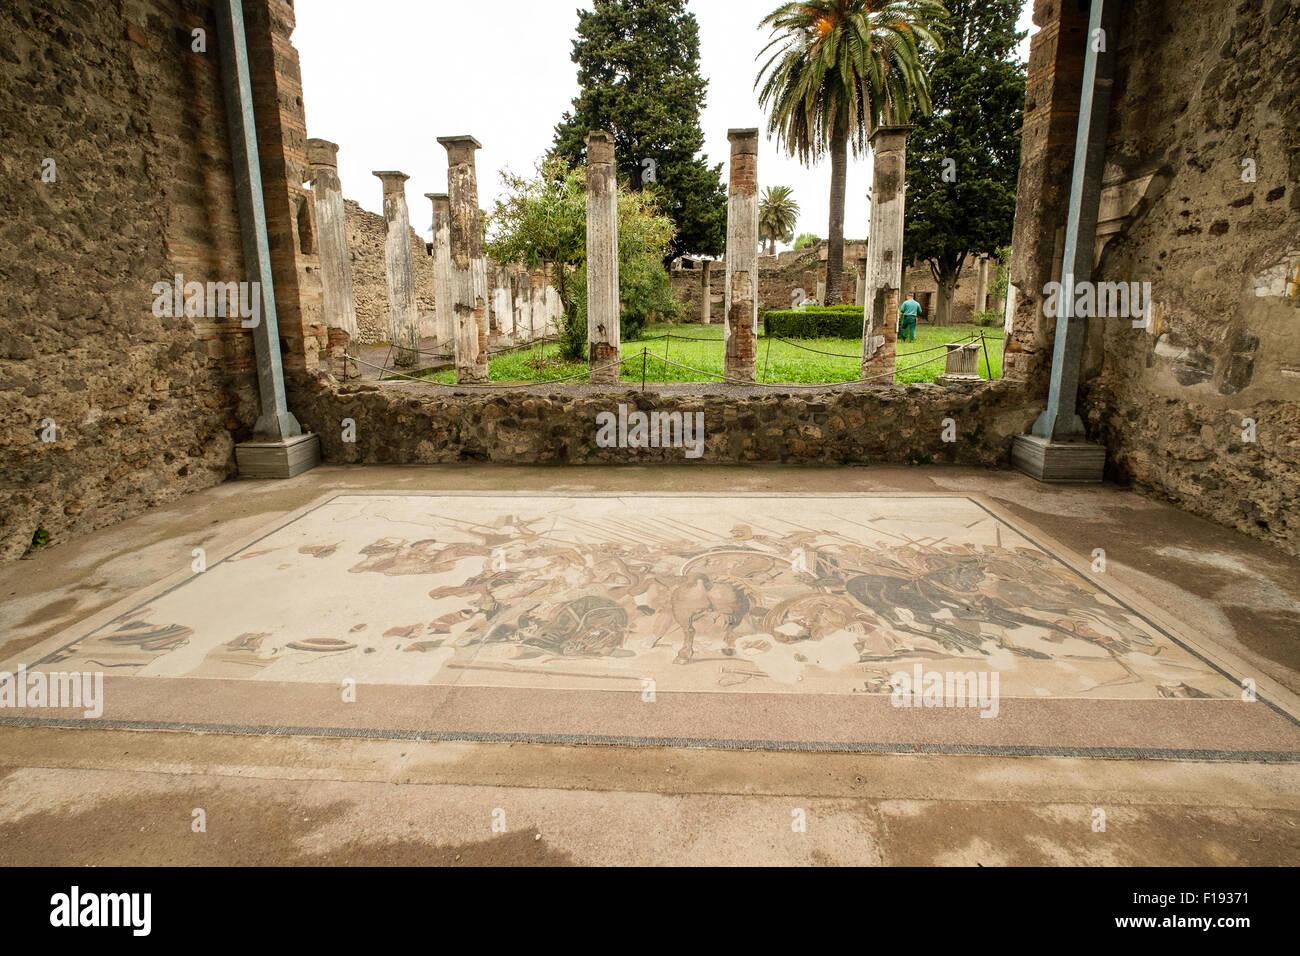 Suelo de mosaico y las columnas en una casa romana en Pompeya Imagen De Stock